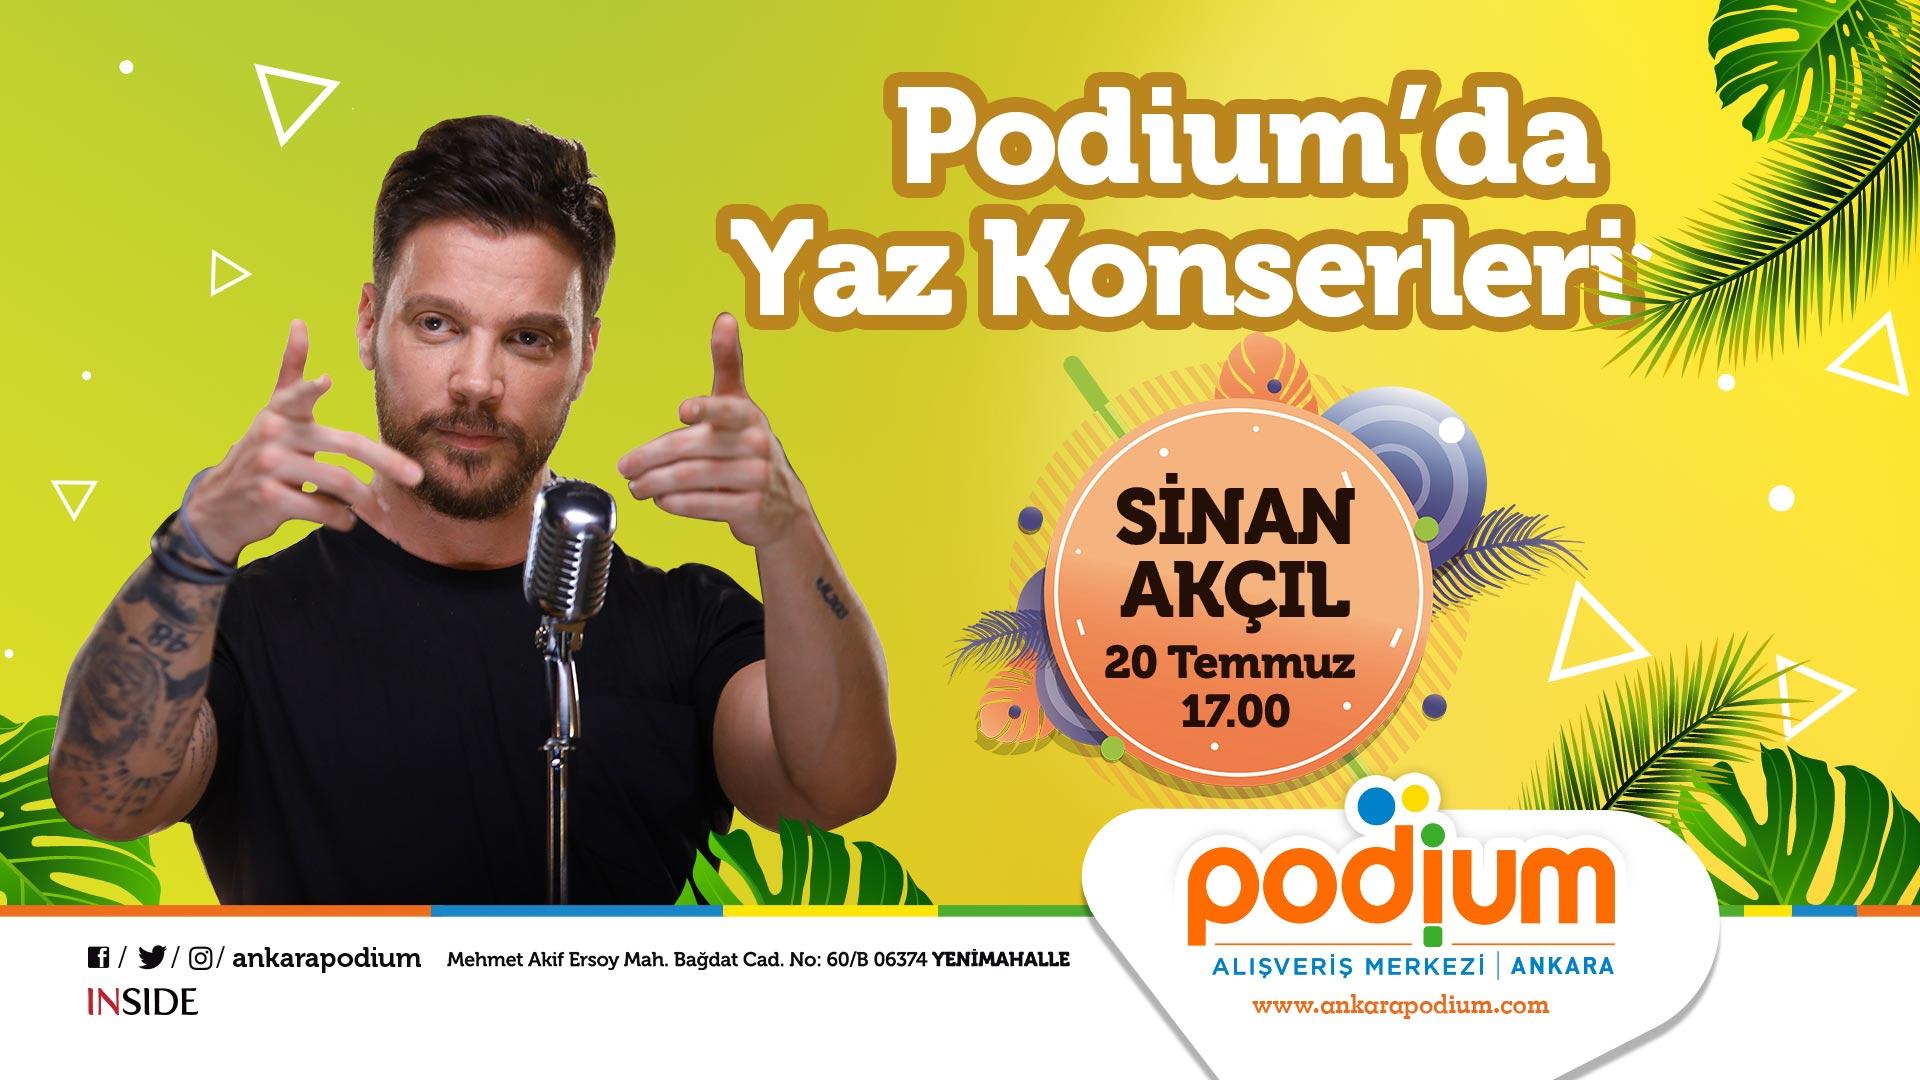 Podium Ankara yaz konserlerine Sinan Akçıl'la başlayacak